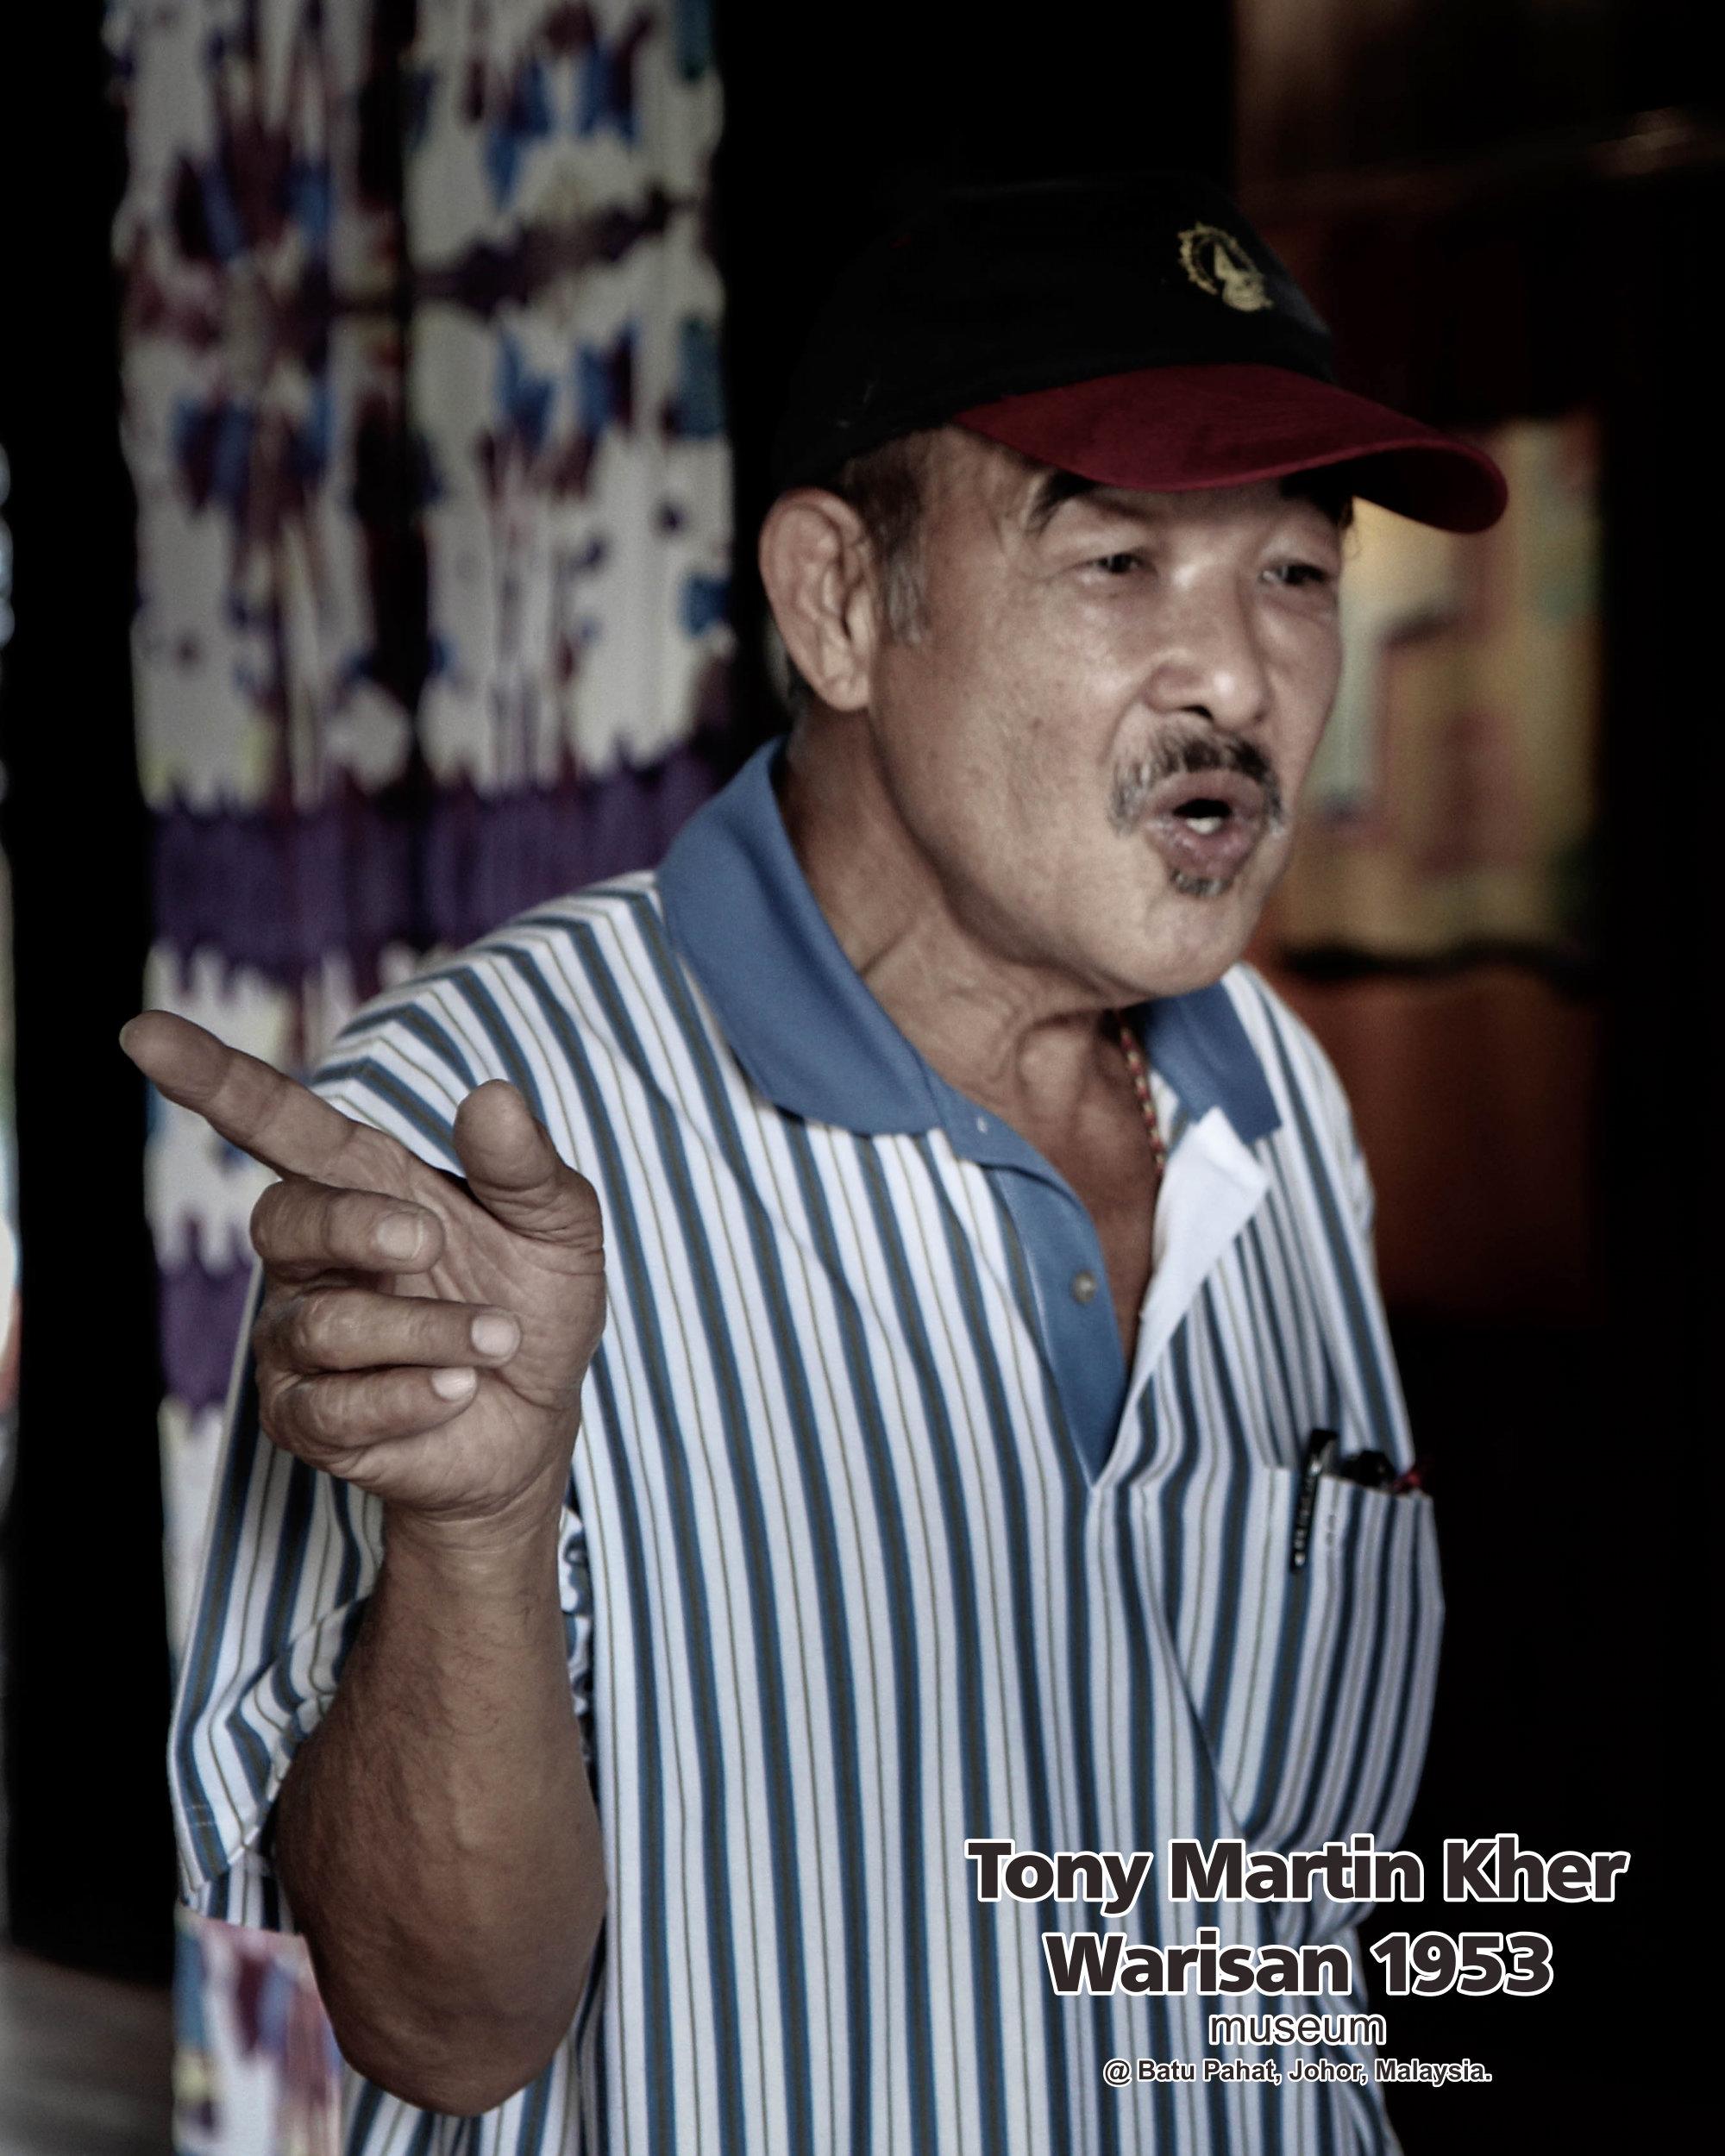 Tony Martin Kher founder of Warisan 1953 Museum at Batu Pahat Johor Malaysia Heritage 1953 Artist Joey Kher A24